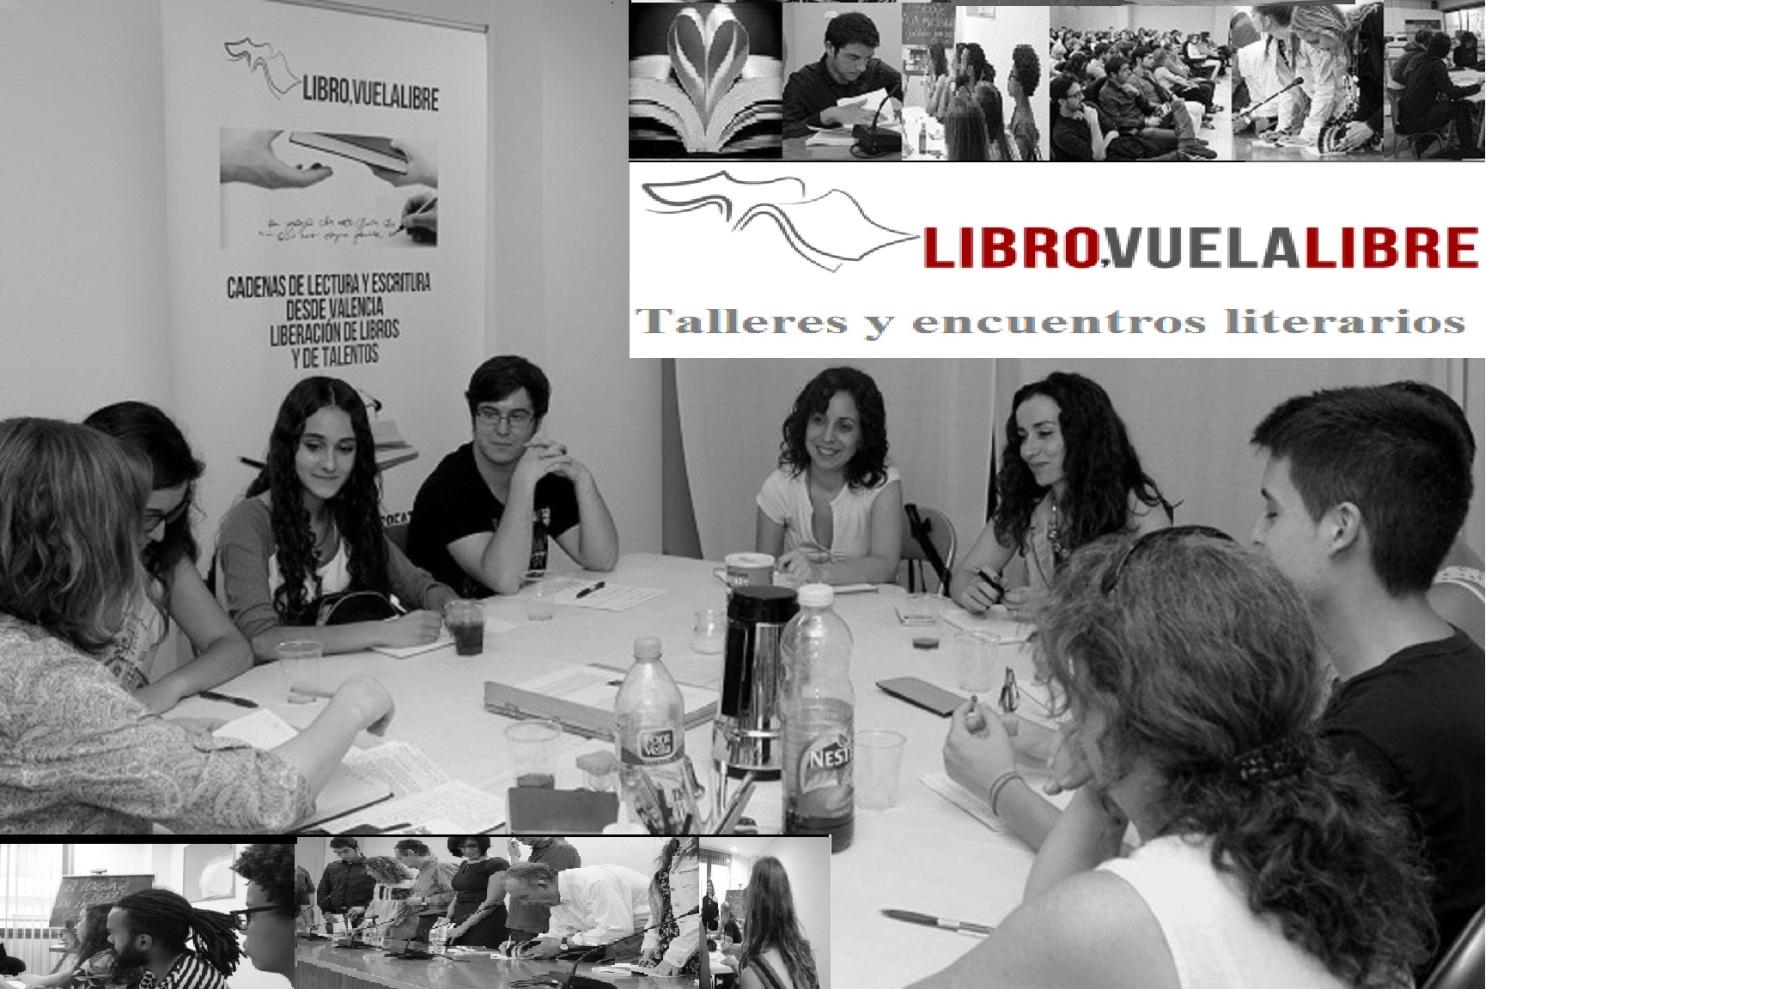 Taller de escritores Valencia